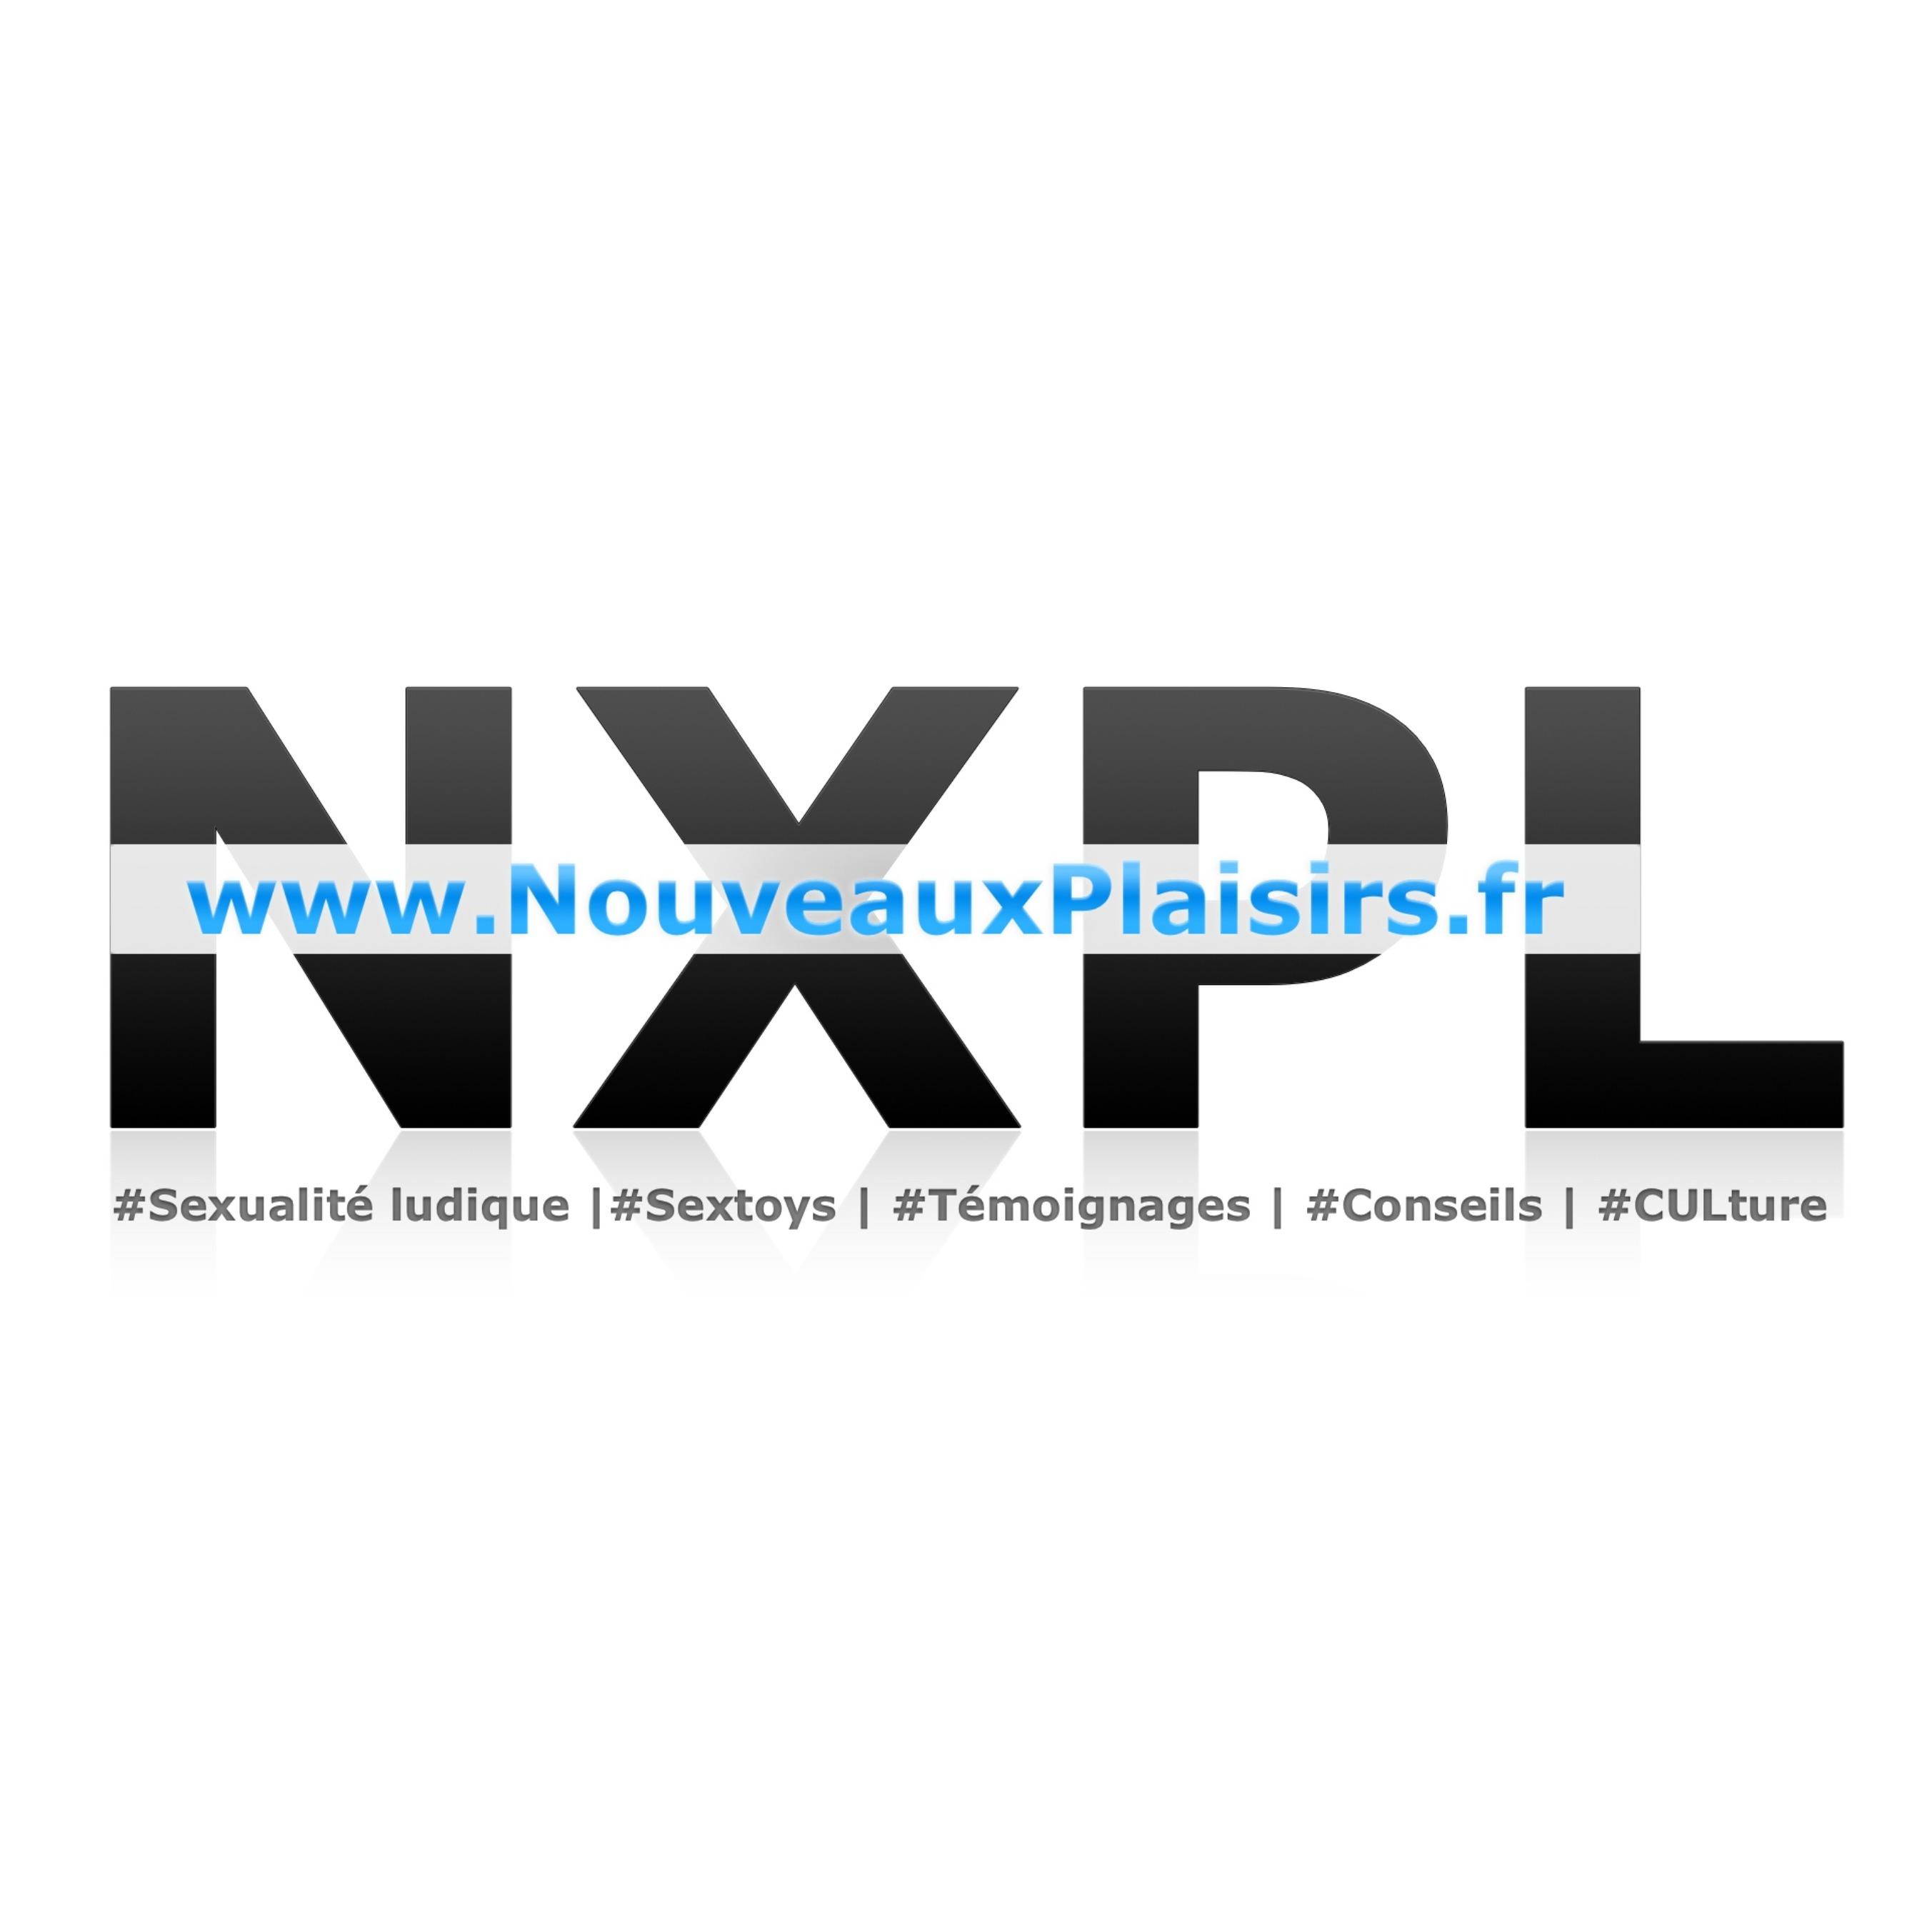 NouveauxPlaisirs.fr, le média indépendant sur la sexualité